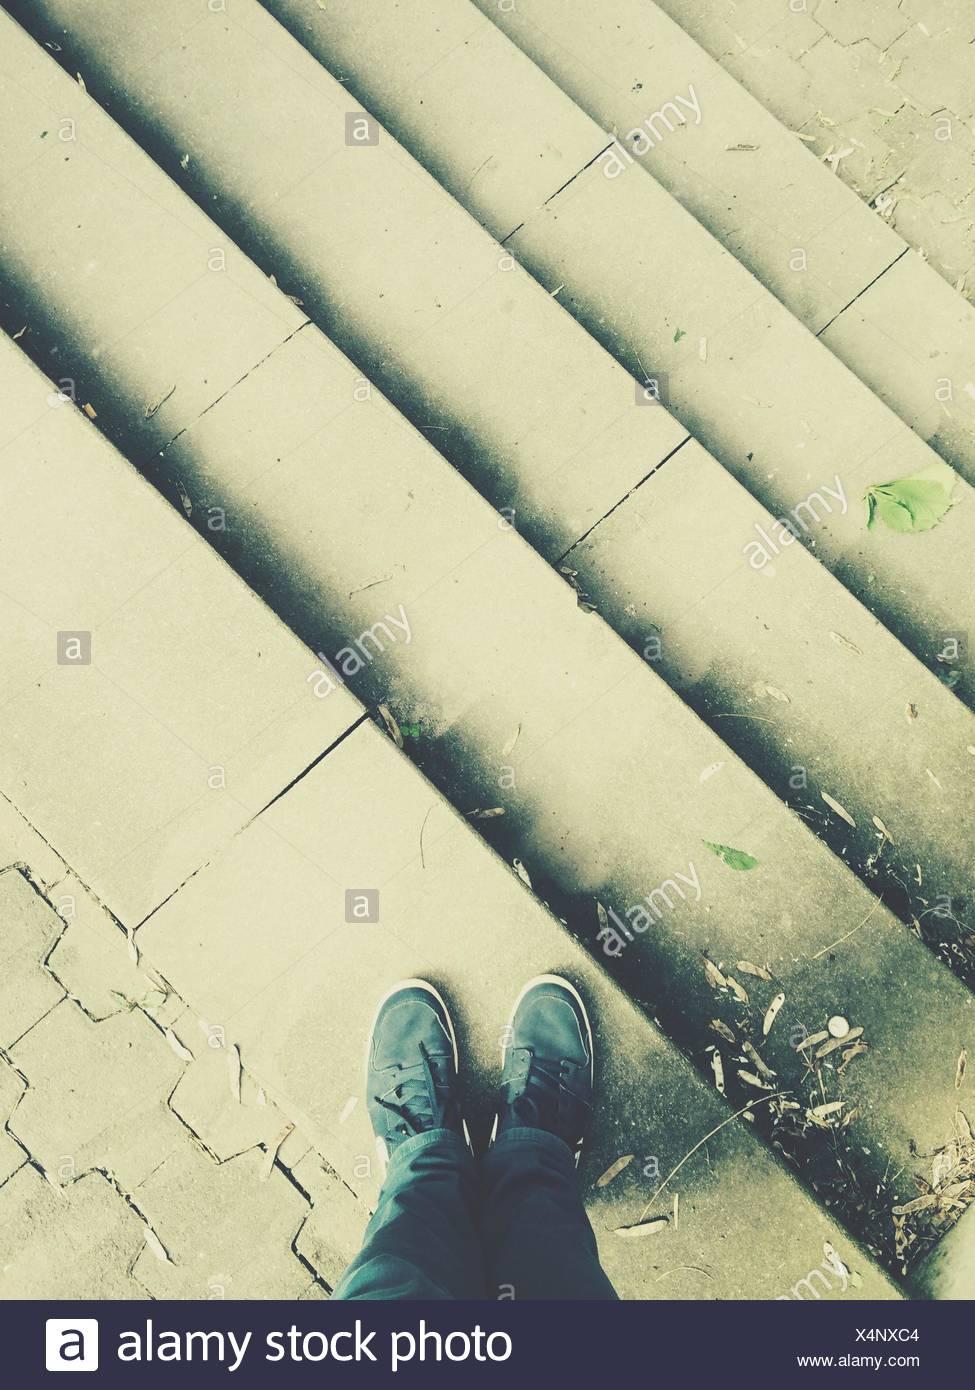 Un alto ángulo de visión del hombre parado sobre pasos Imagen De Stock